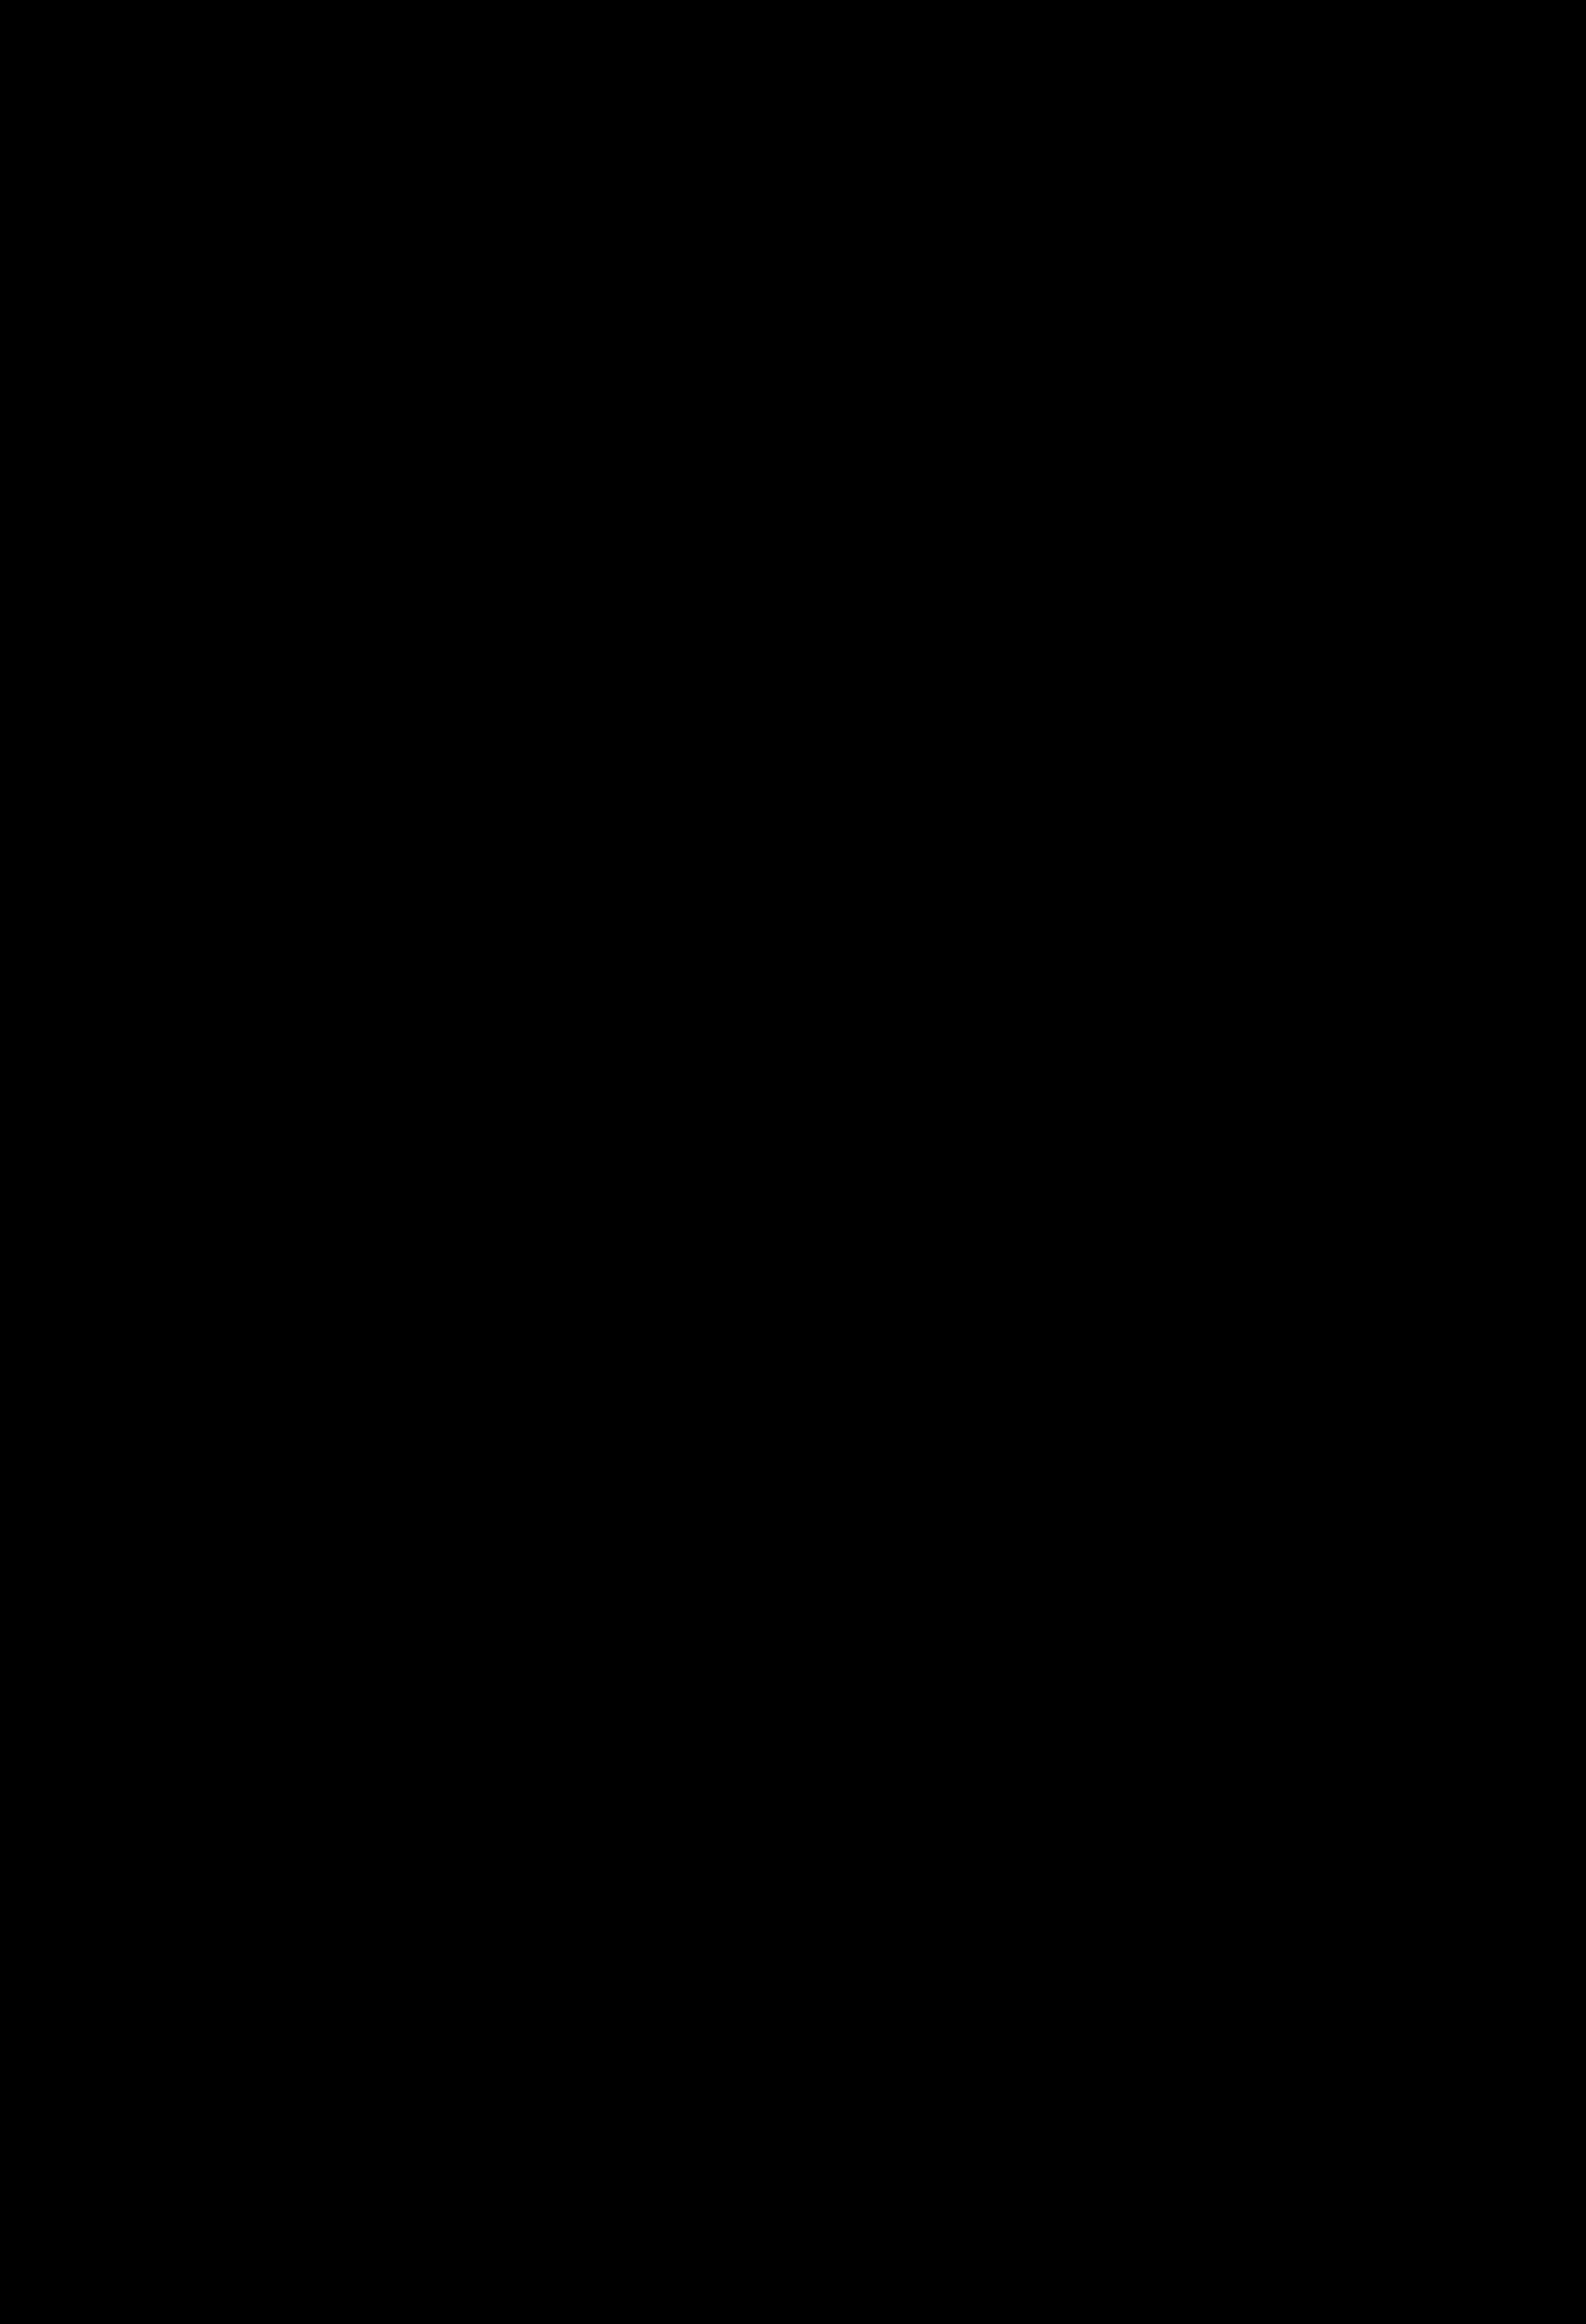 Lambang longitude